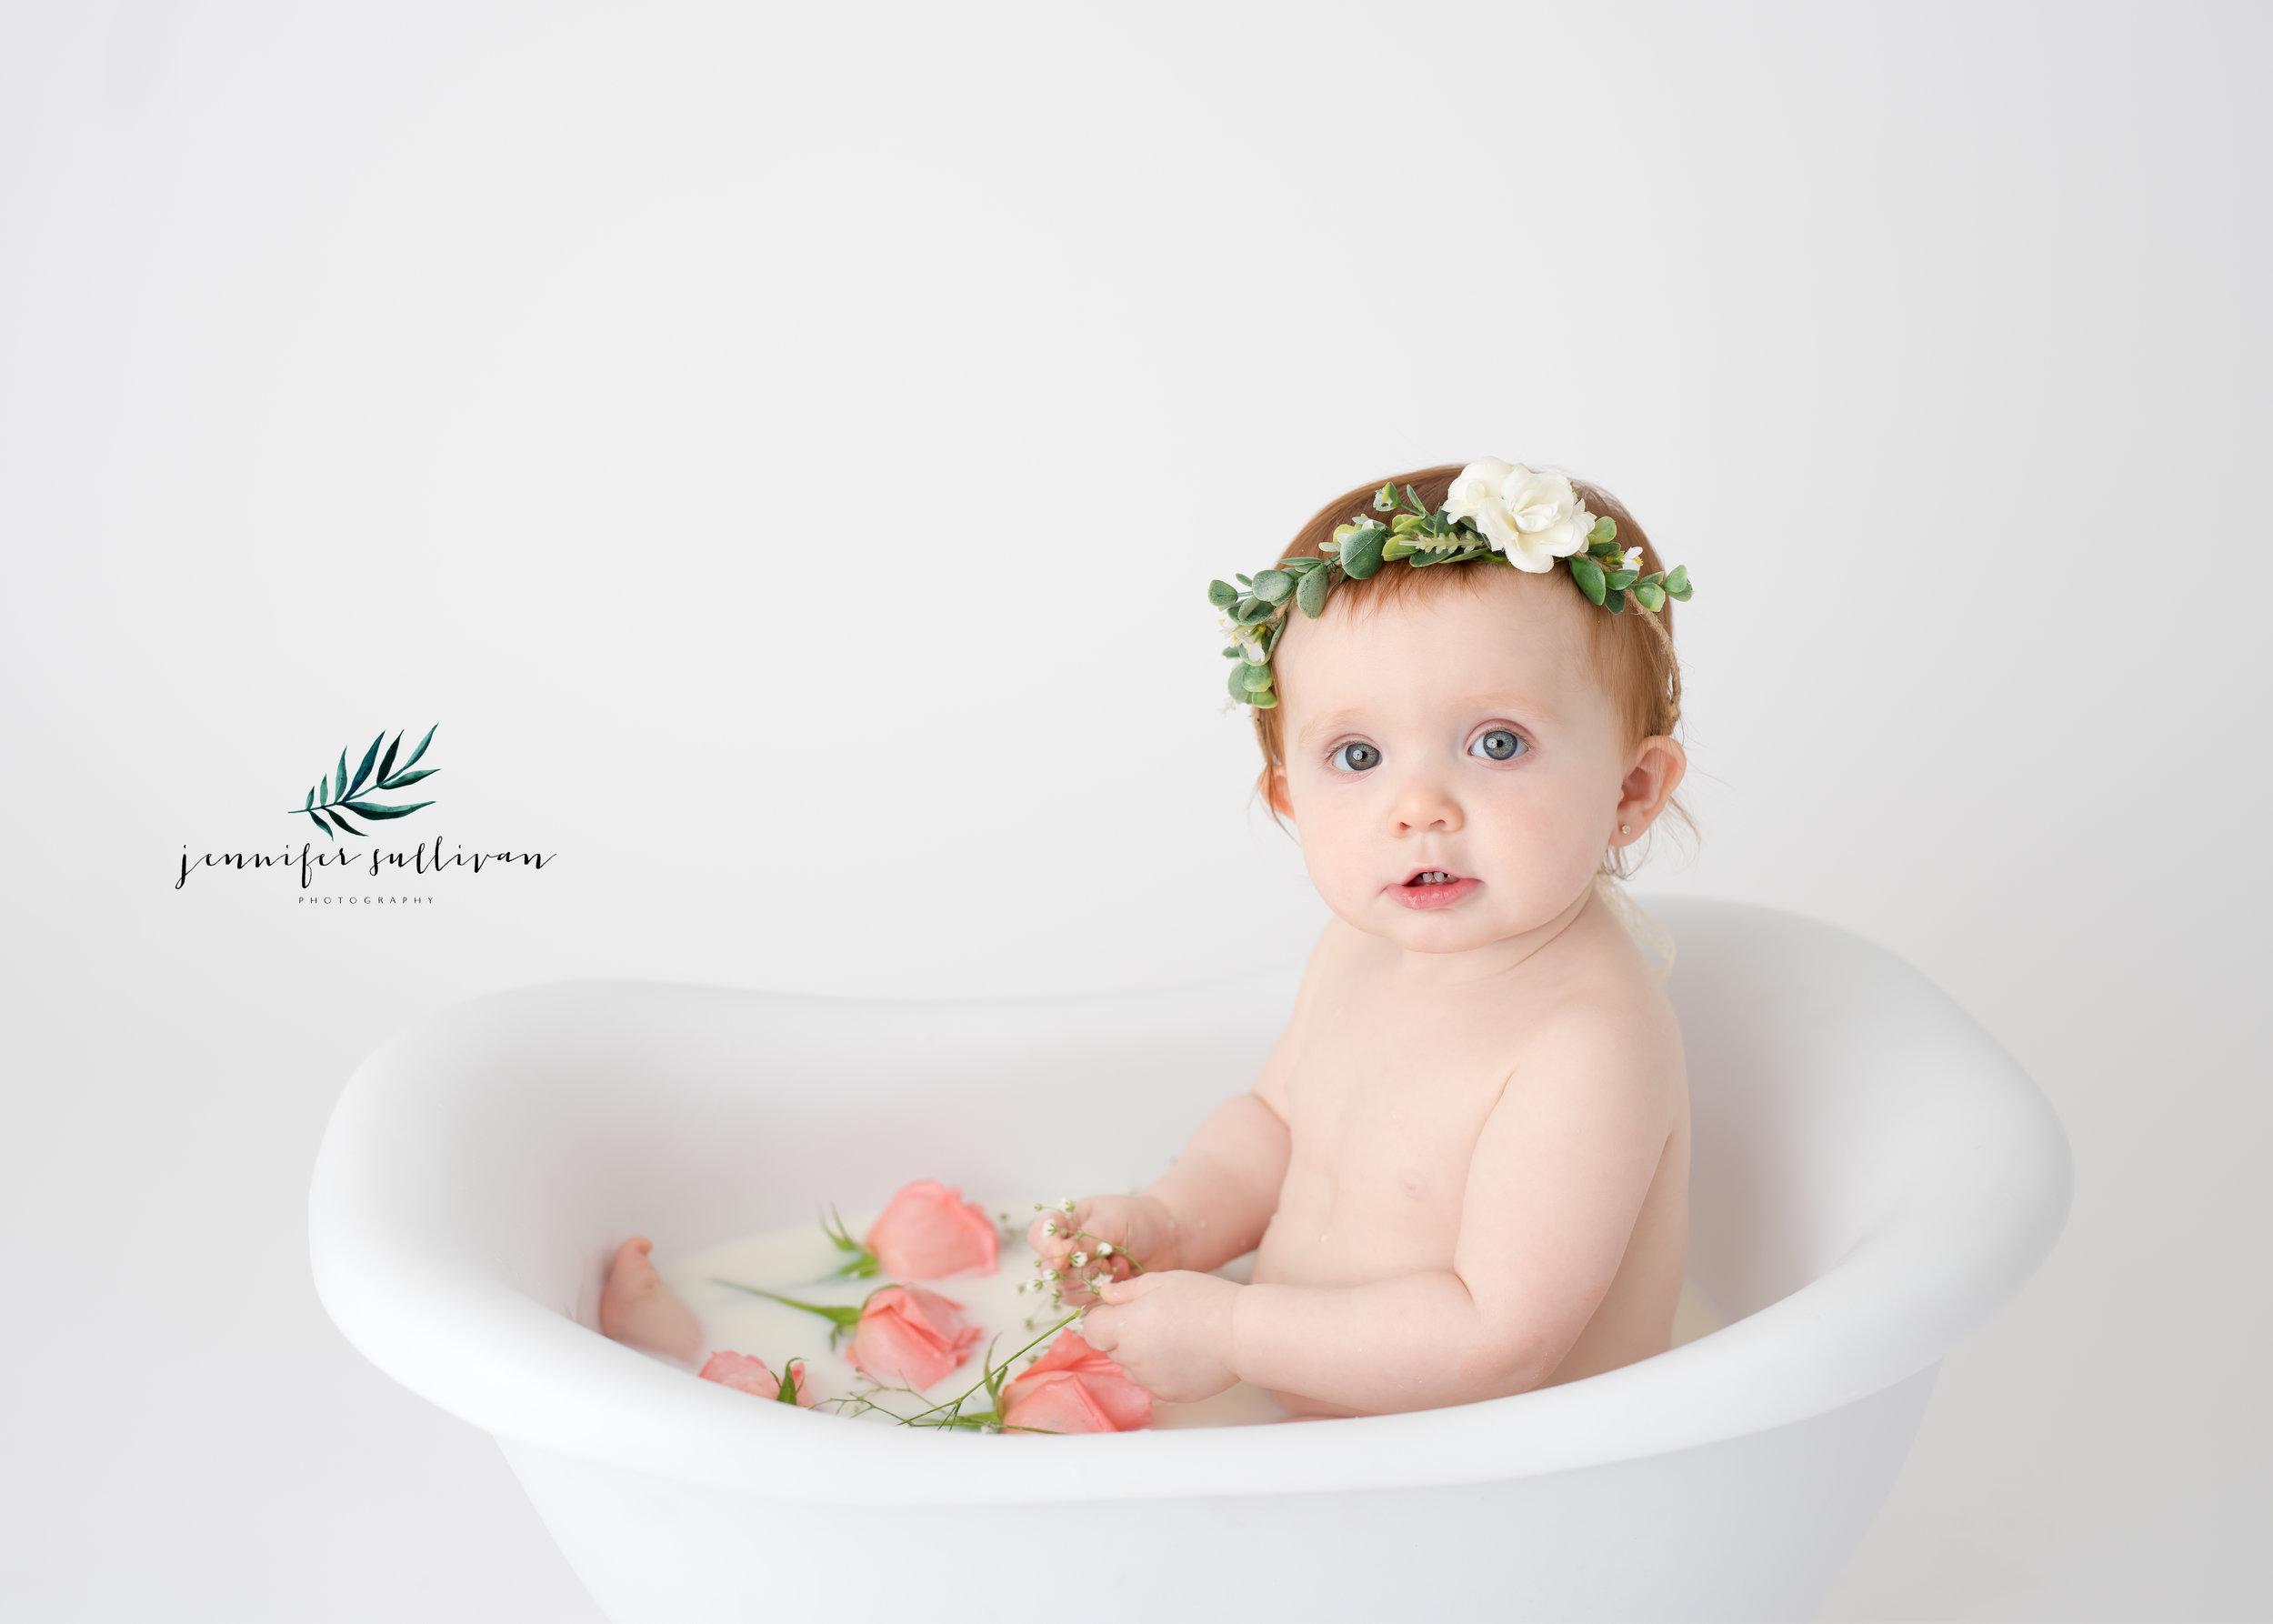 dartmouth massachusetts baby photographer -400-8.jpg